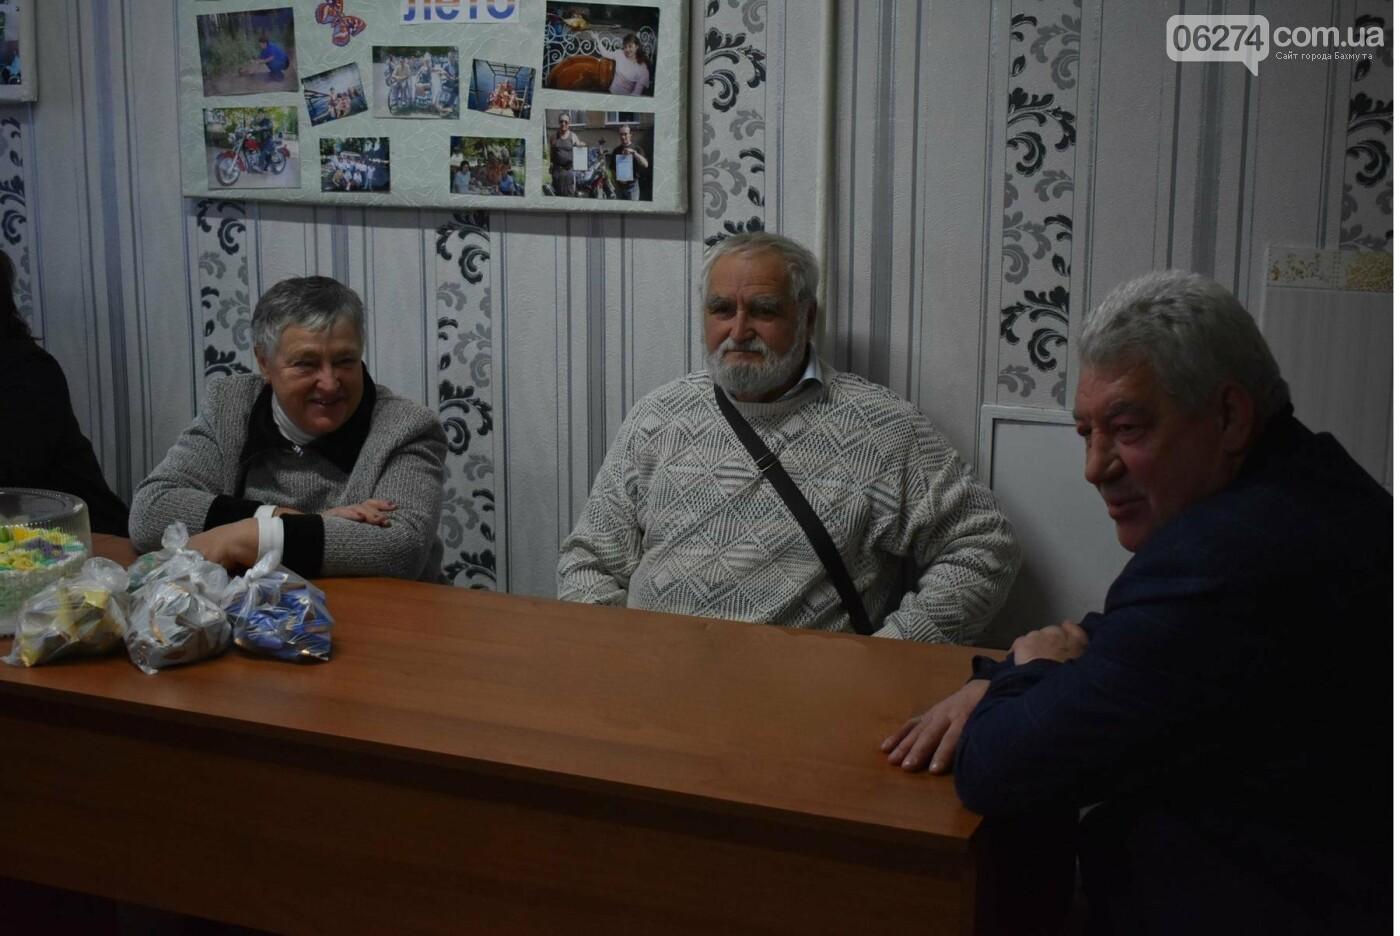 Бахмутский городской голова встретился с членами общества людей с инвалидностью «Надежда», фото-7